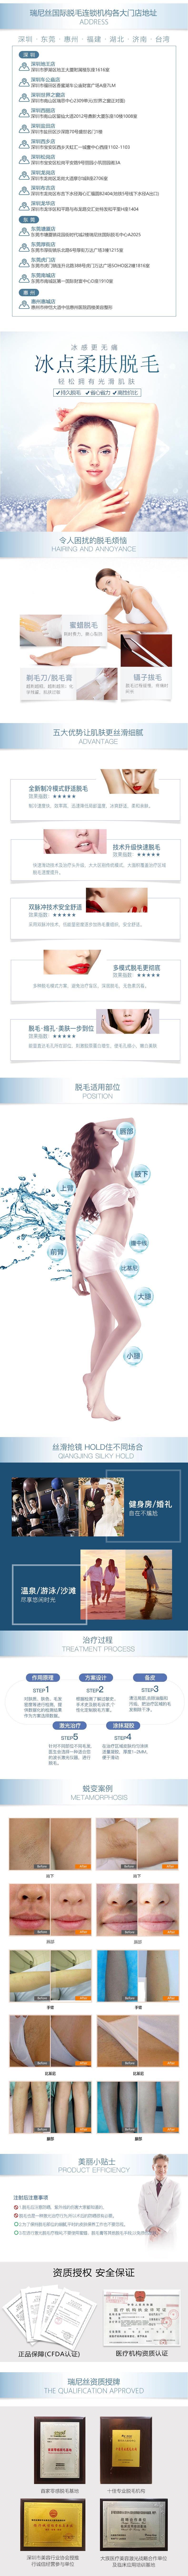 瑞尼丝脱毛 (2).jpg